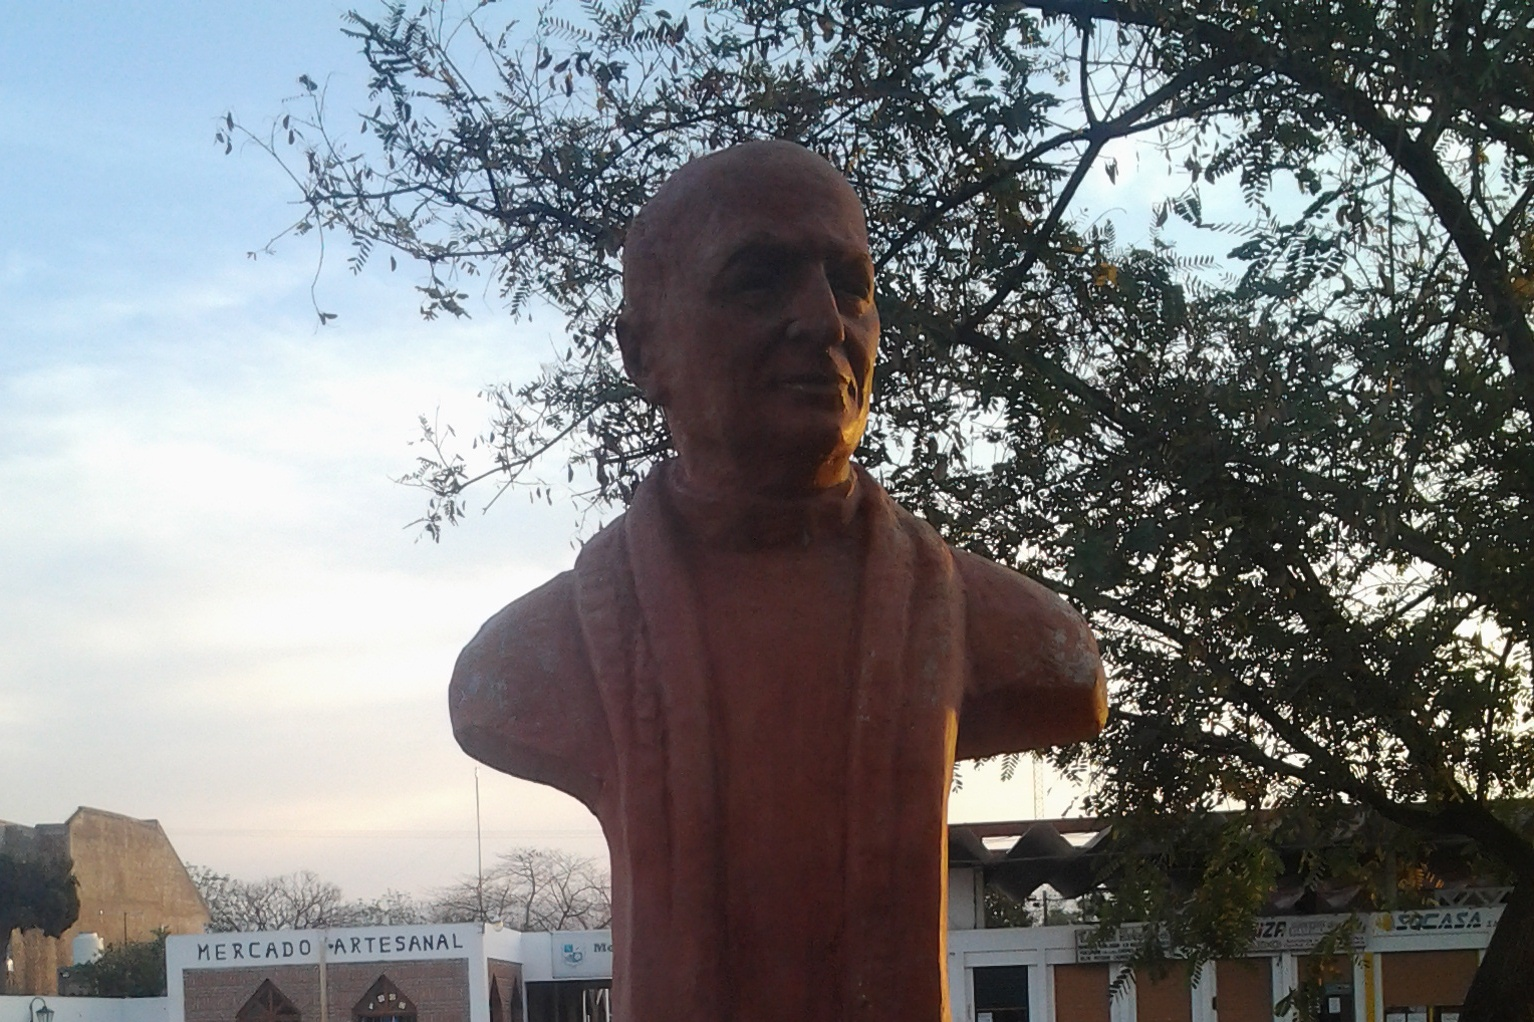 Аргентина: первый этап беатификации епископа, убитого в годы диктатуры, займет два года